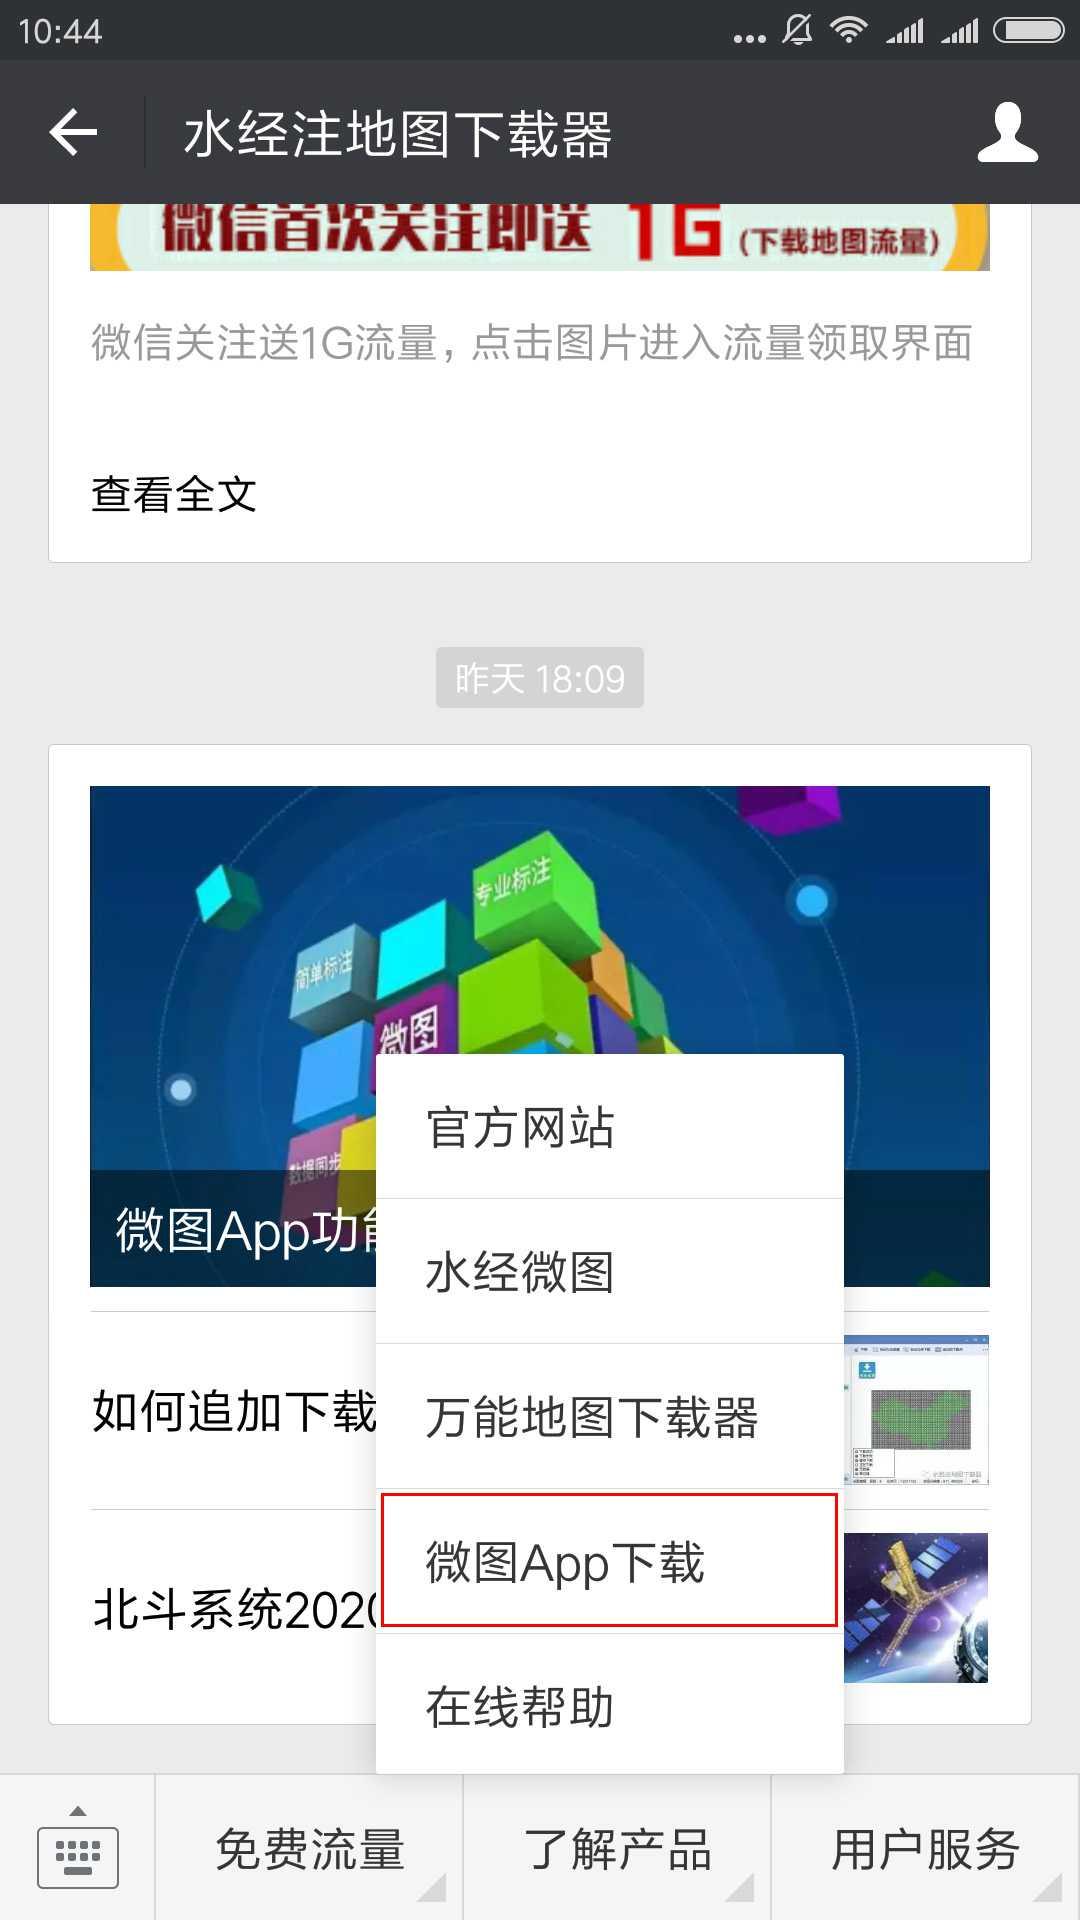 2下载微图App.jpg